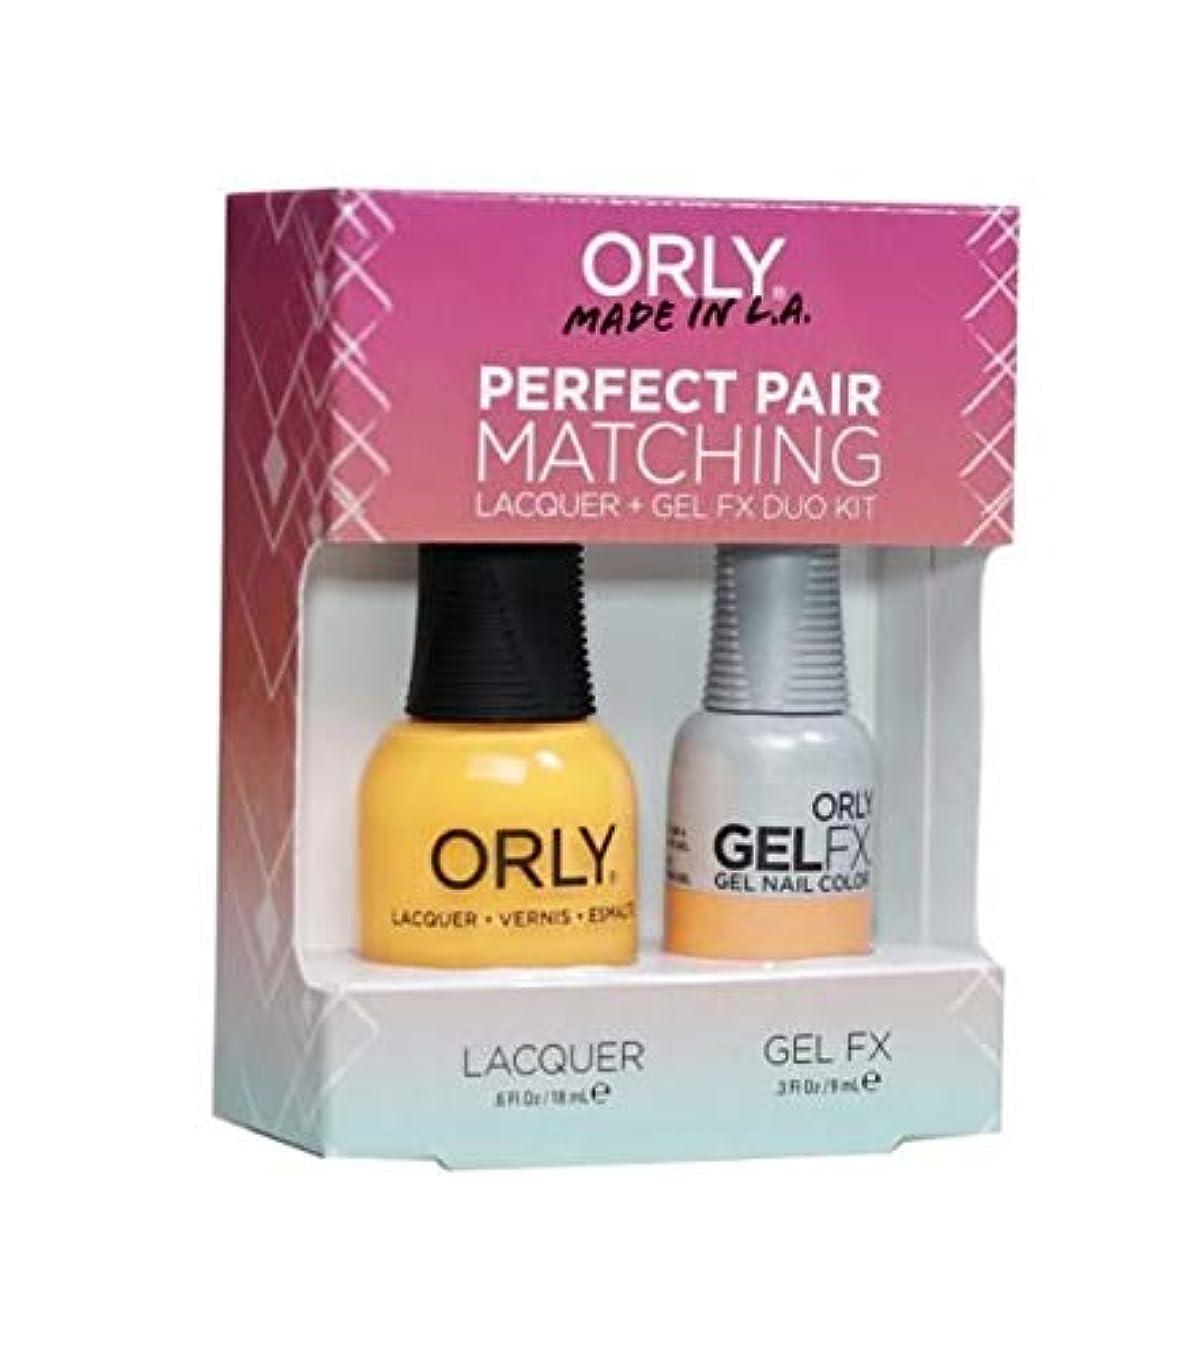 広まった最大の不足Orly Lacquer + Gel FX - Perfect Pair Matching DUO Kit - Tropical Pop